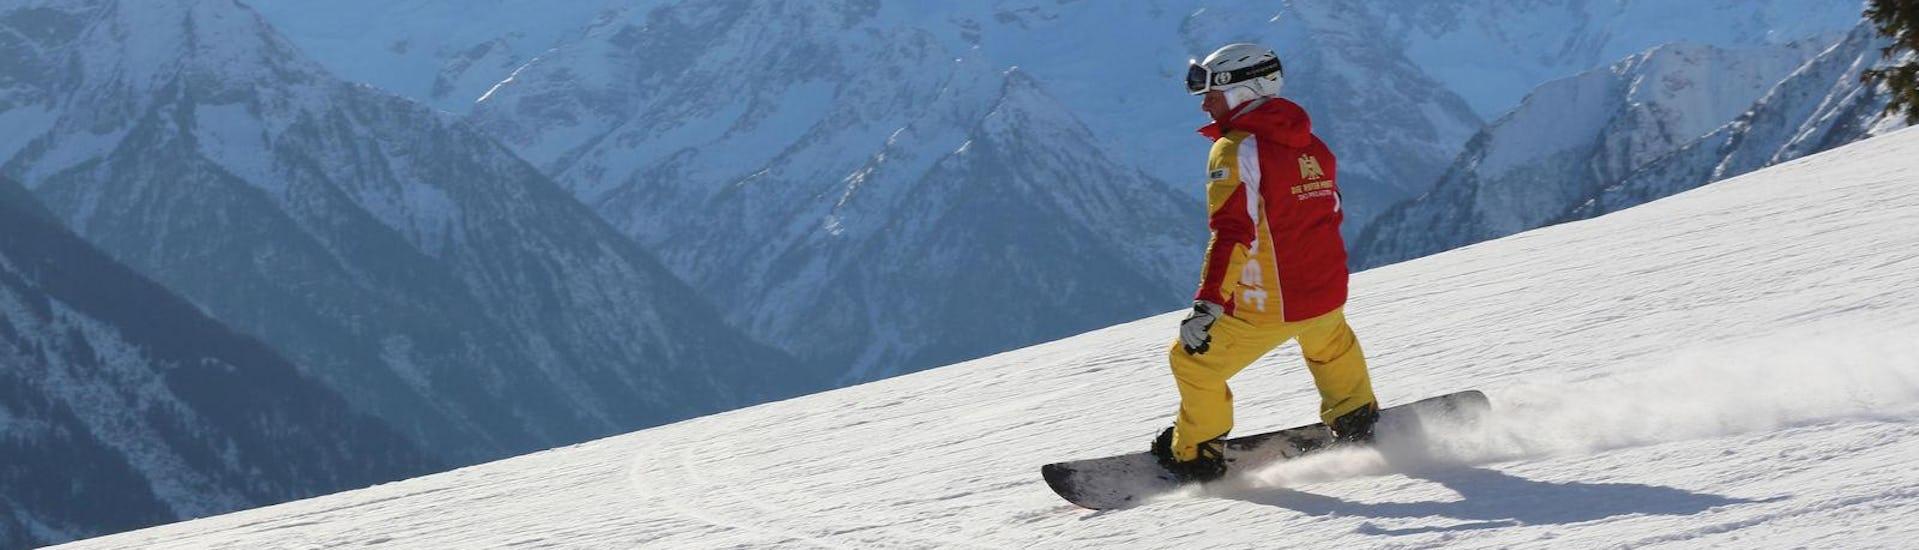 Snowboarder fährt einen Berg hinunter mit einem Snowboard Privatlehrer - Alle Levels & Altersgruppen